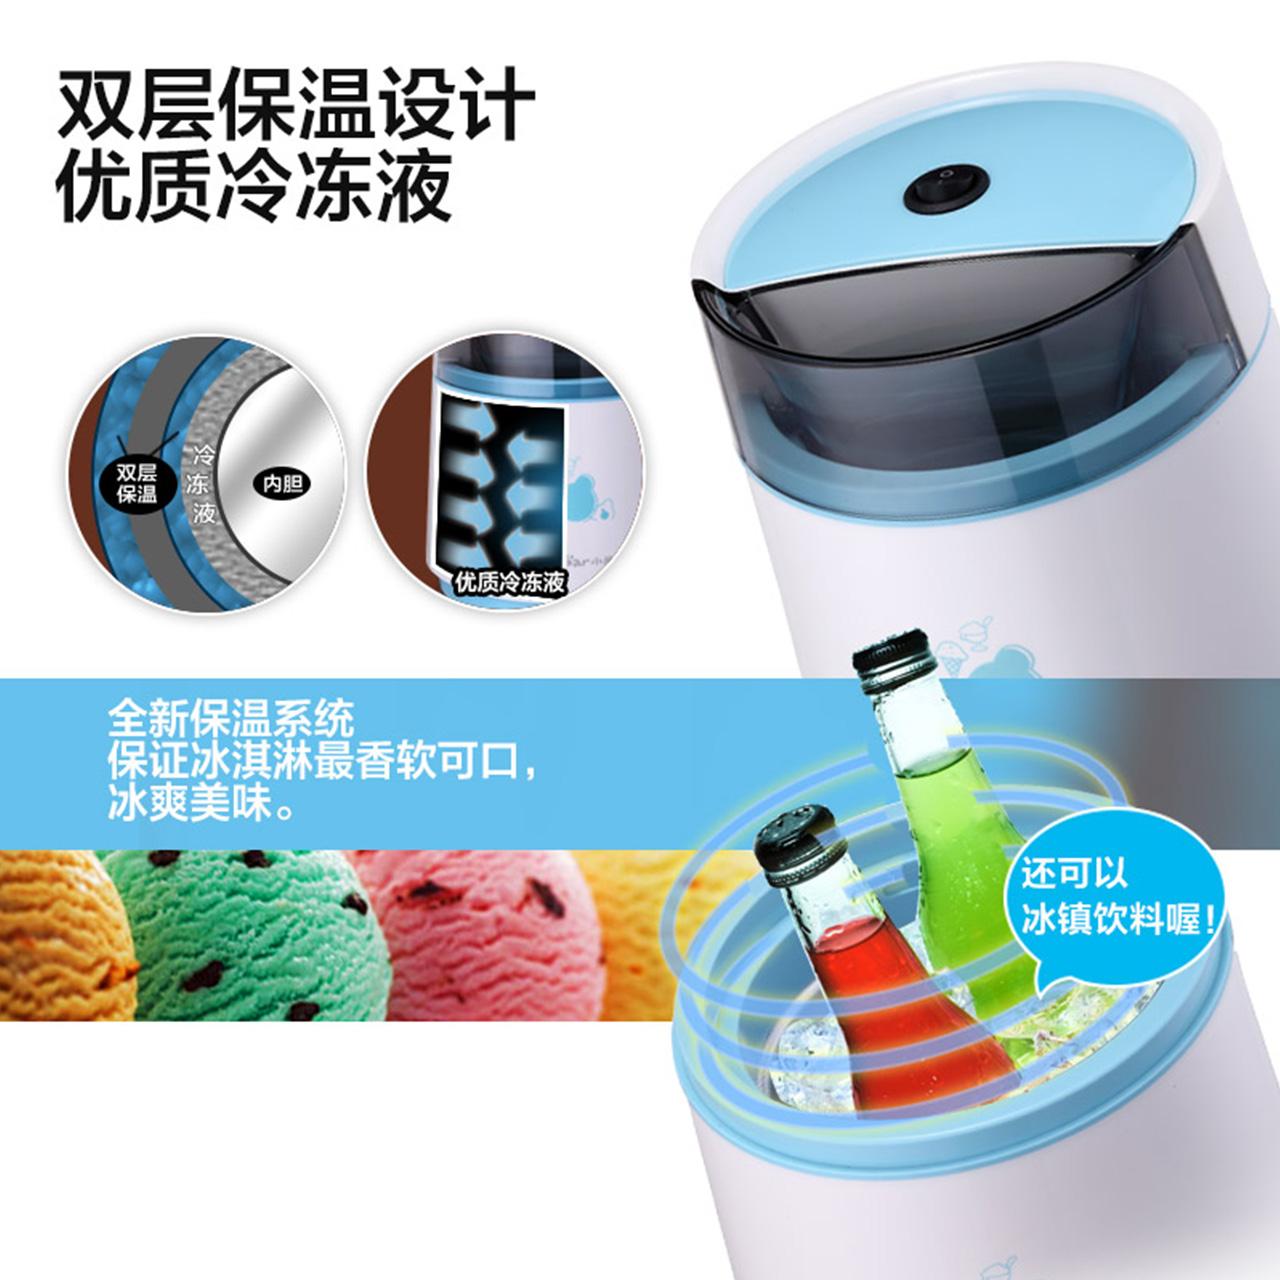 小熊冰淇淋全自动机冰激凌机小型家用双层冷冻功能儿童雪糕机自制